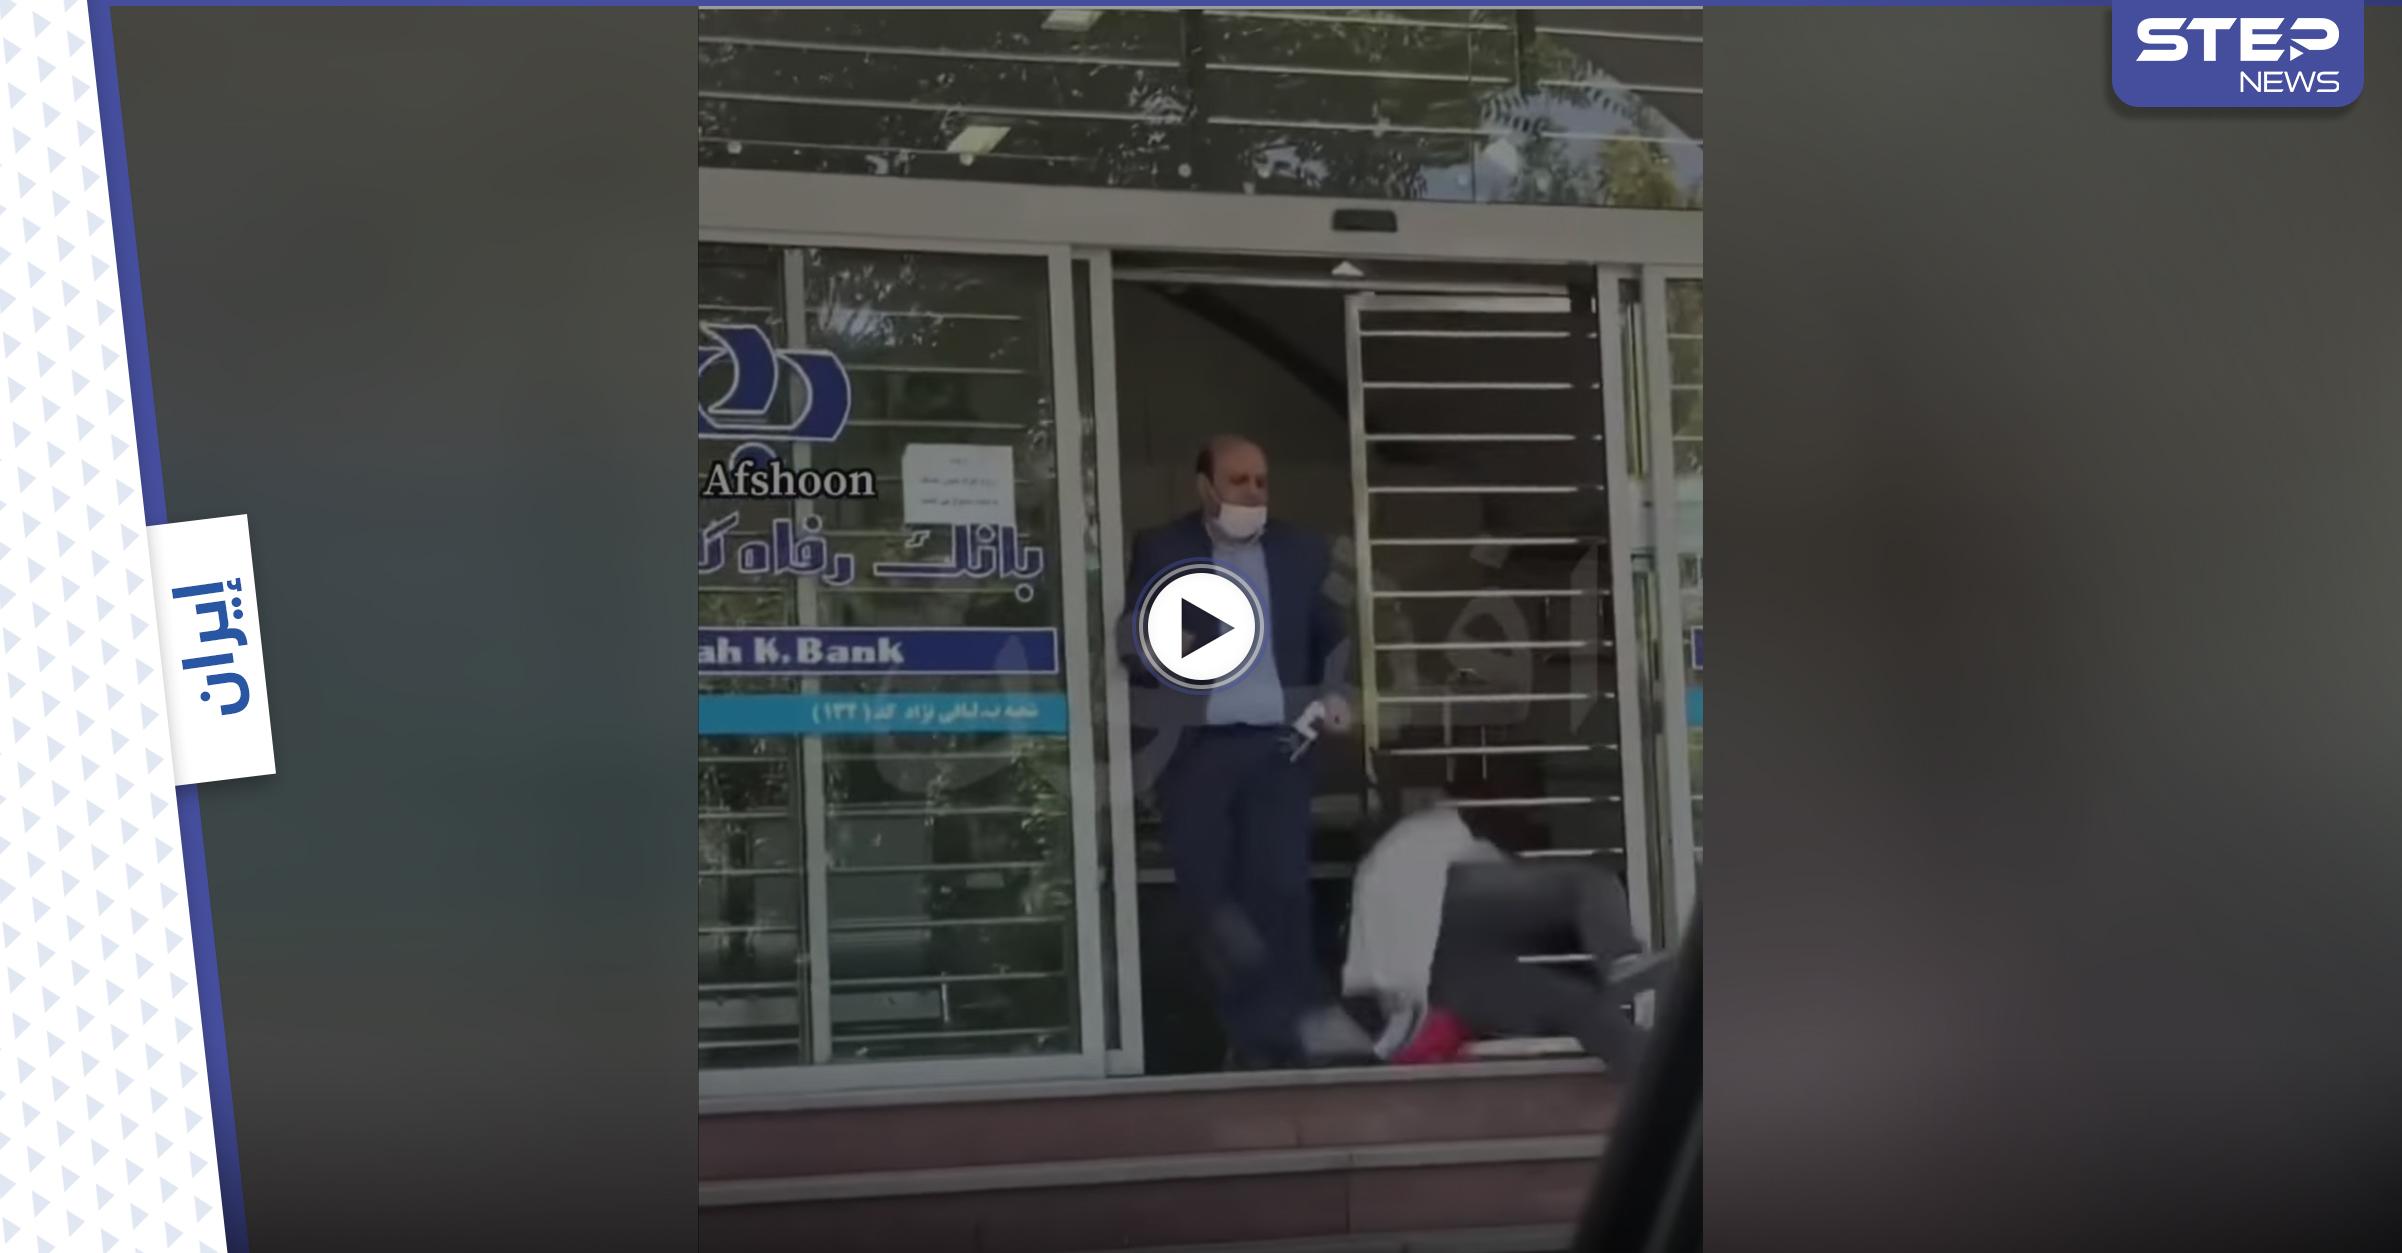 بالفيديو|| امرأة إيرانية تتعرض للضرب والركل من قبل موظفي بنك رعاية العمال.. والإدارة توضح